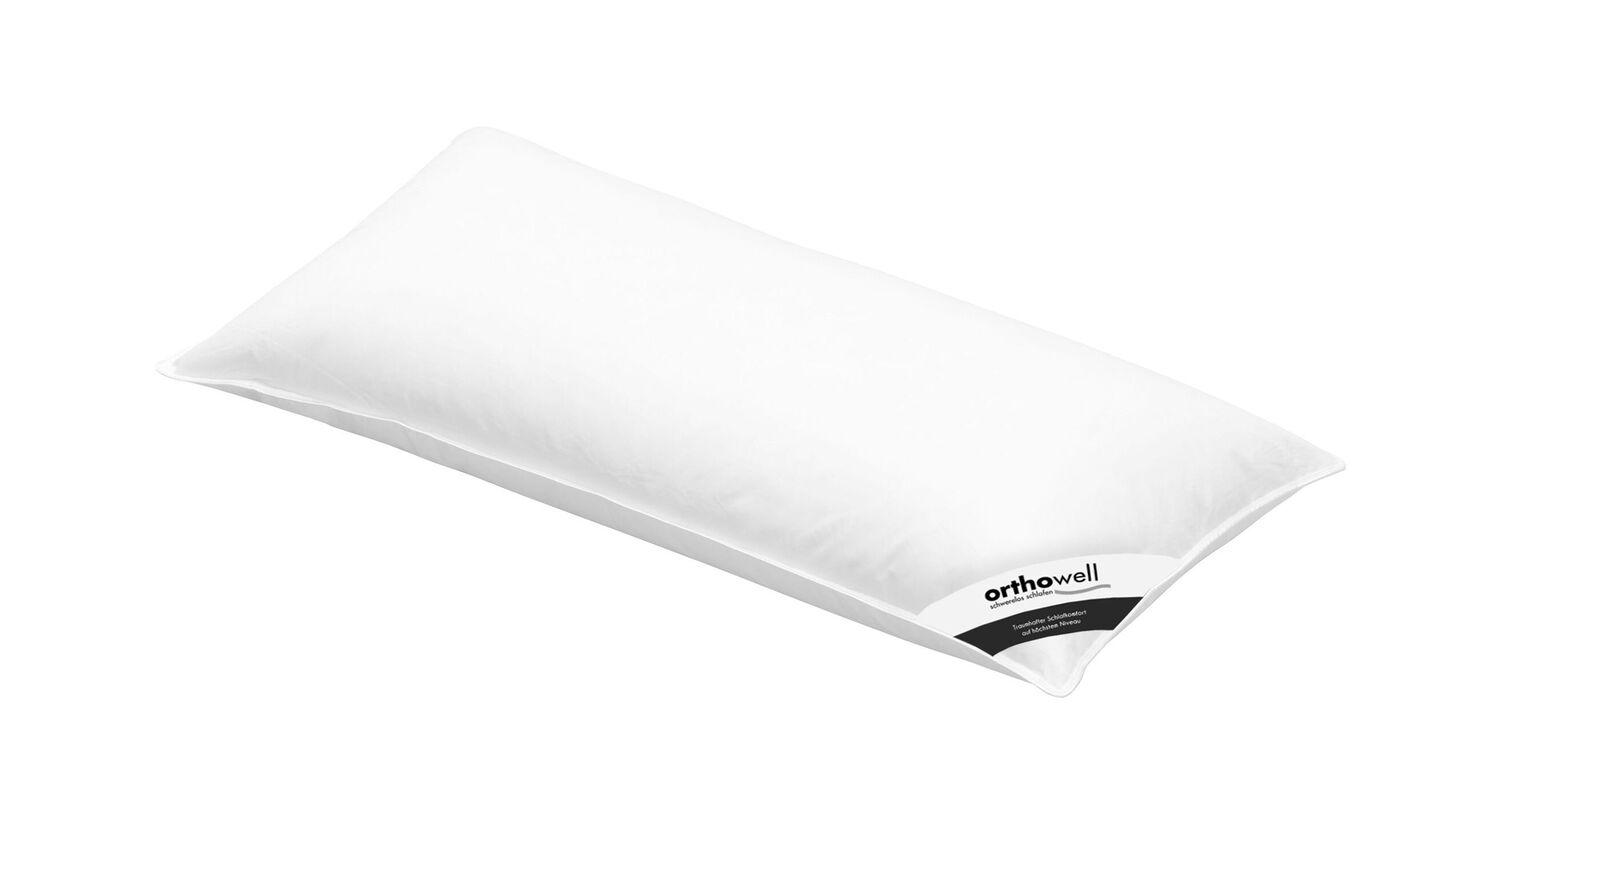 Faser-Kissen orthowell Premium in 40x80cm mit Baumwollbezug